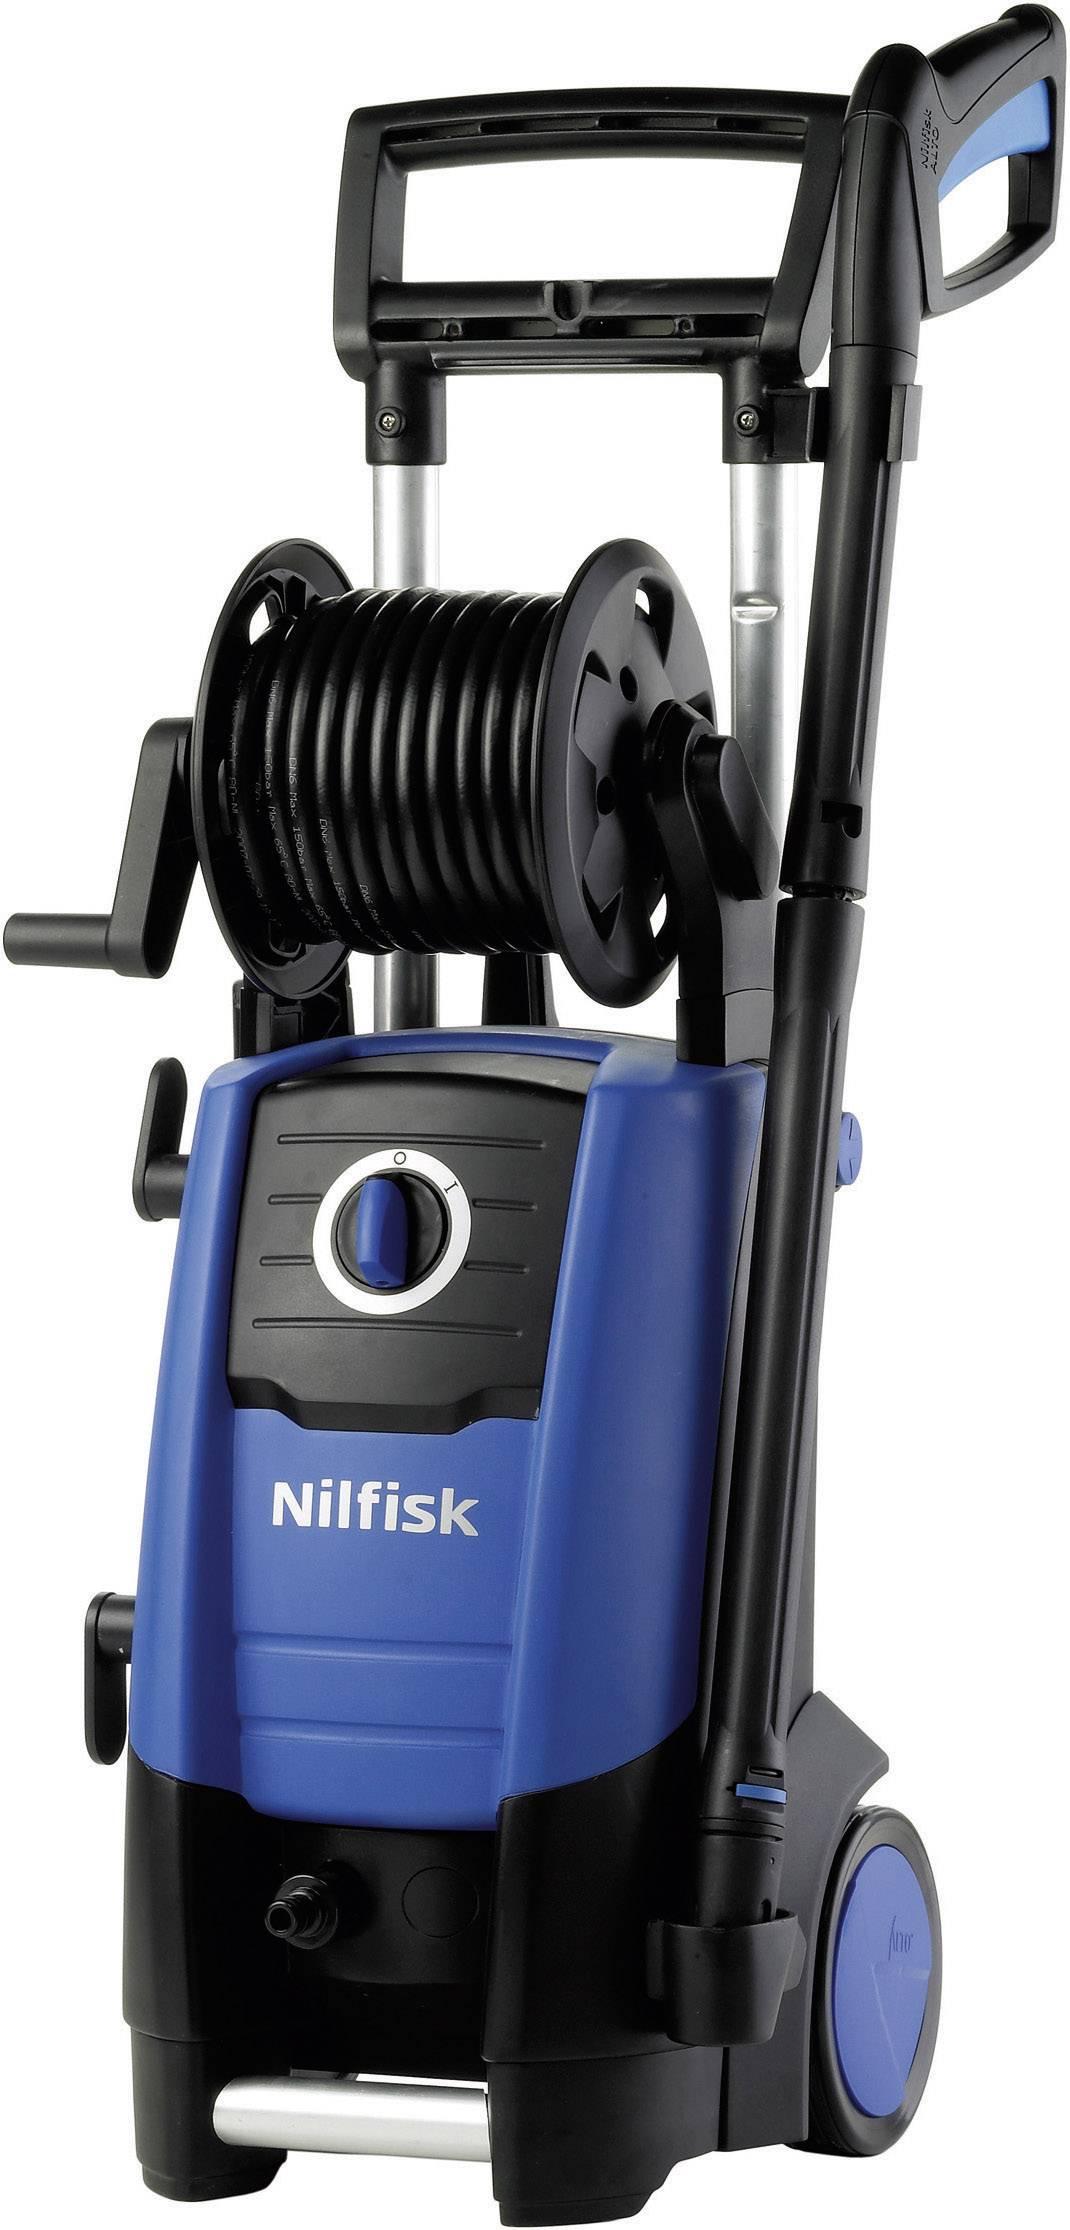 Vysokotlakový čistič - vapka Nilfisk E130.3-9 X-tra, na studenú vodu